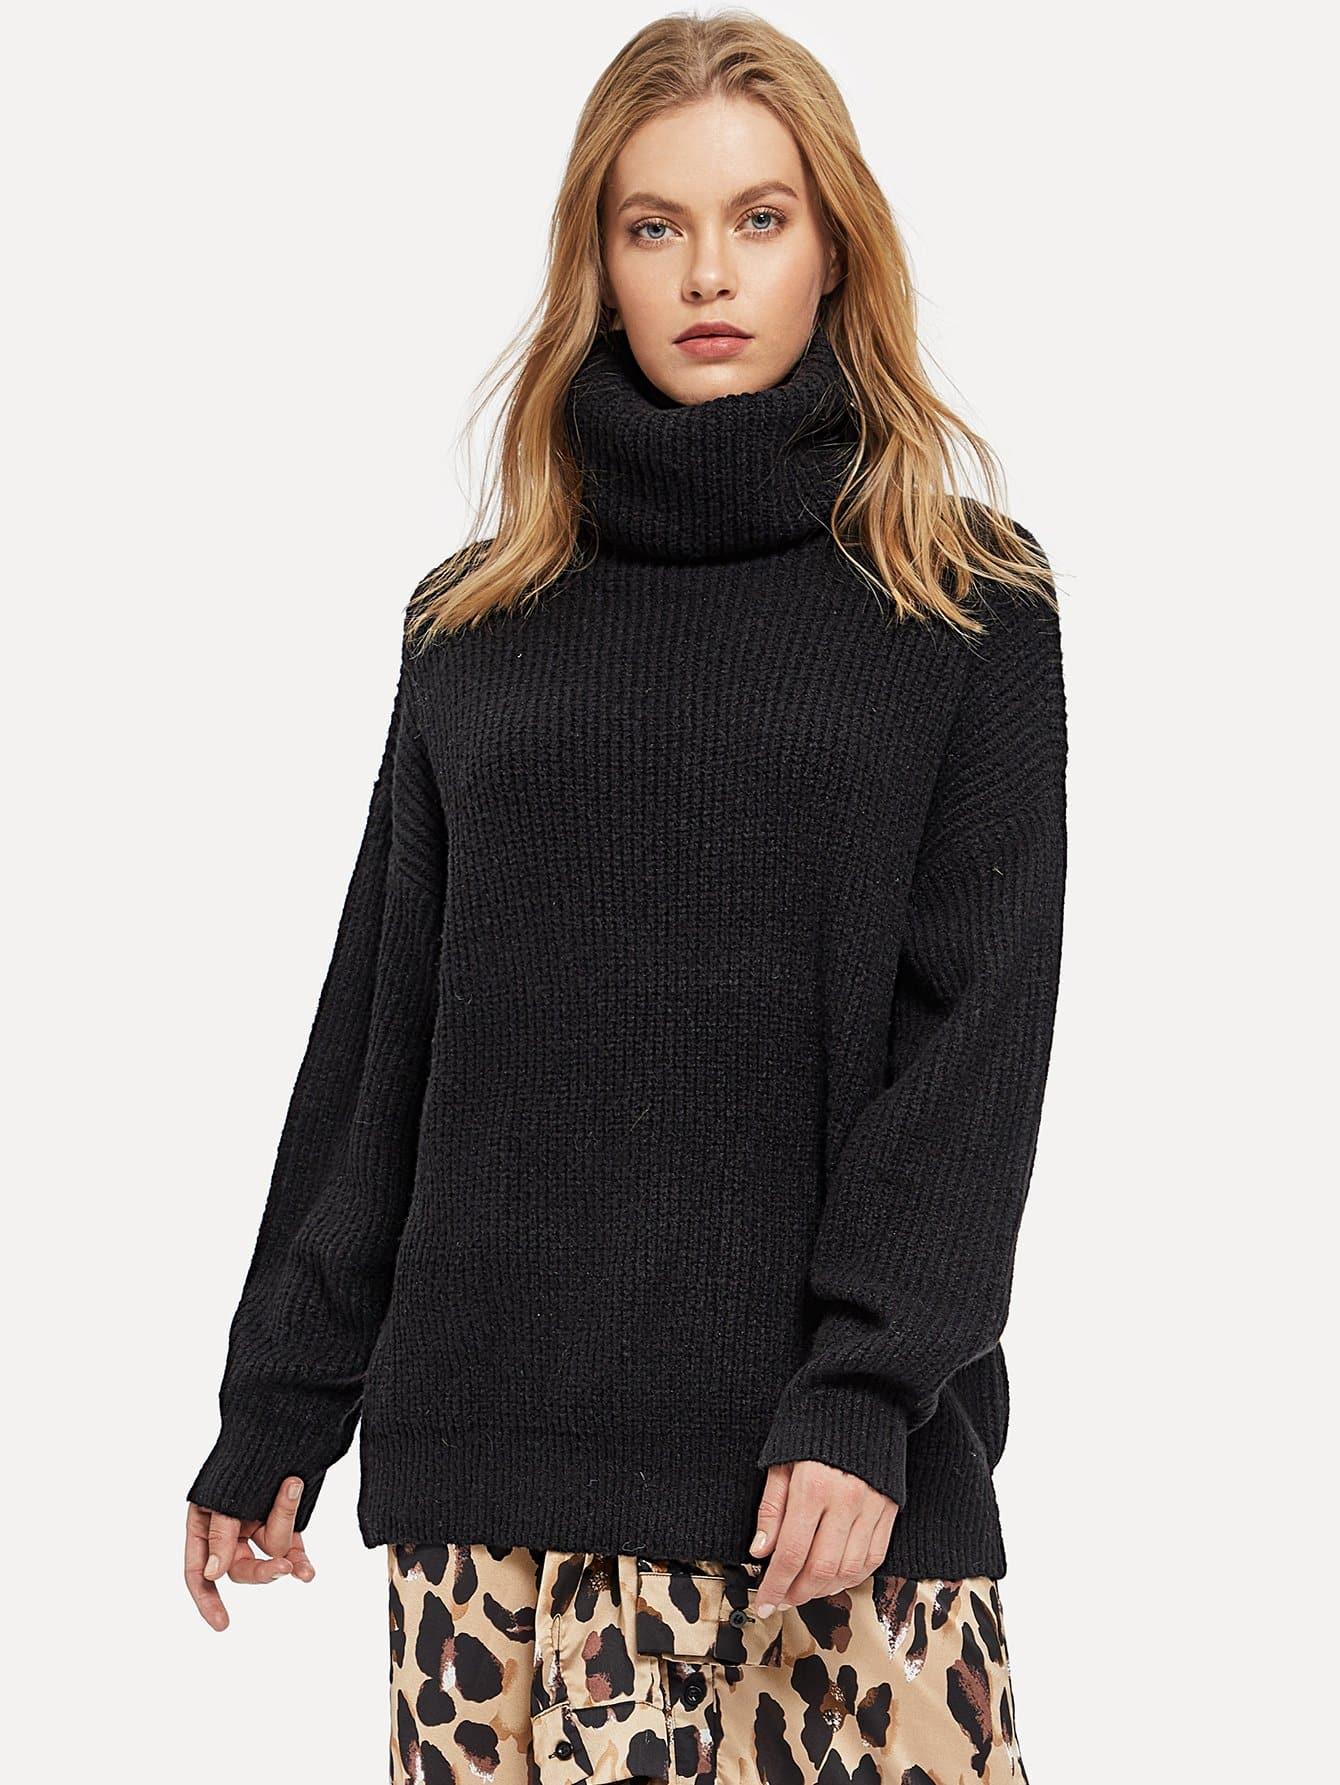 Купить Однотонный свитер с широким воротником, Kate C, SheIn